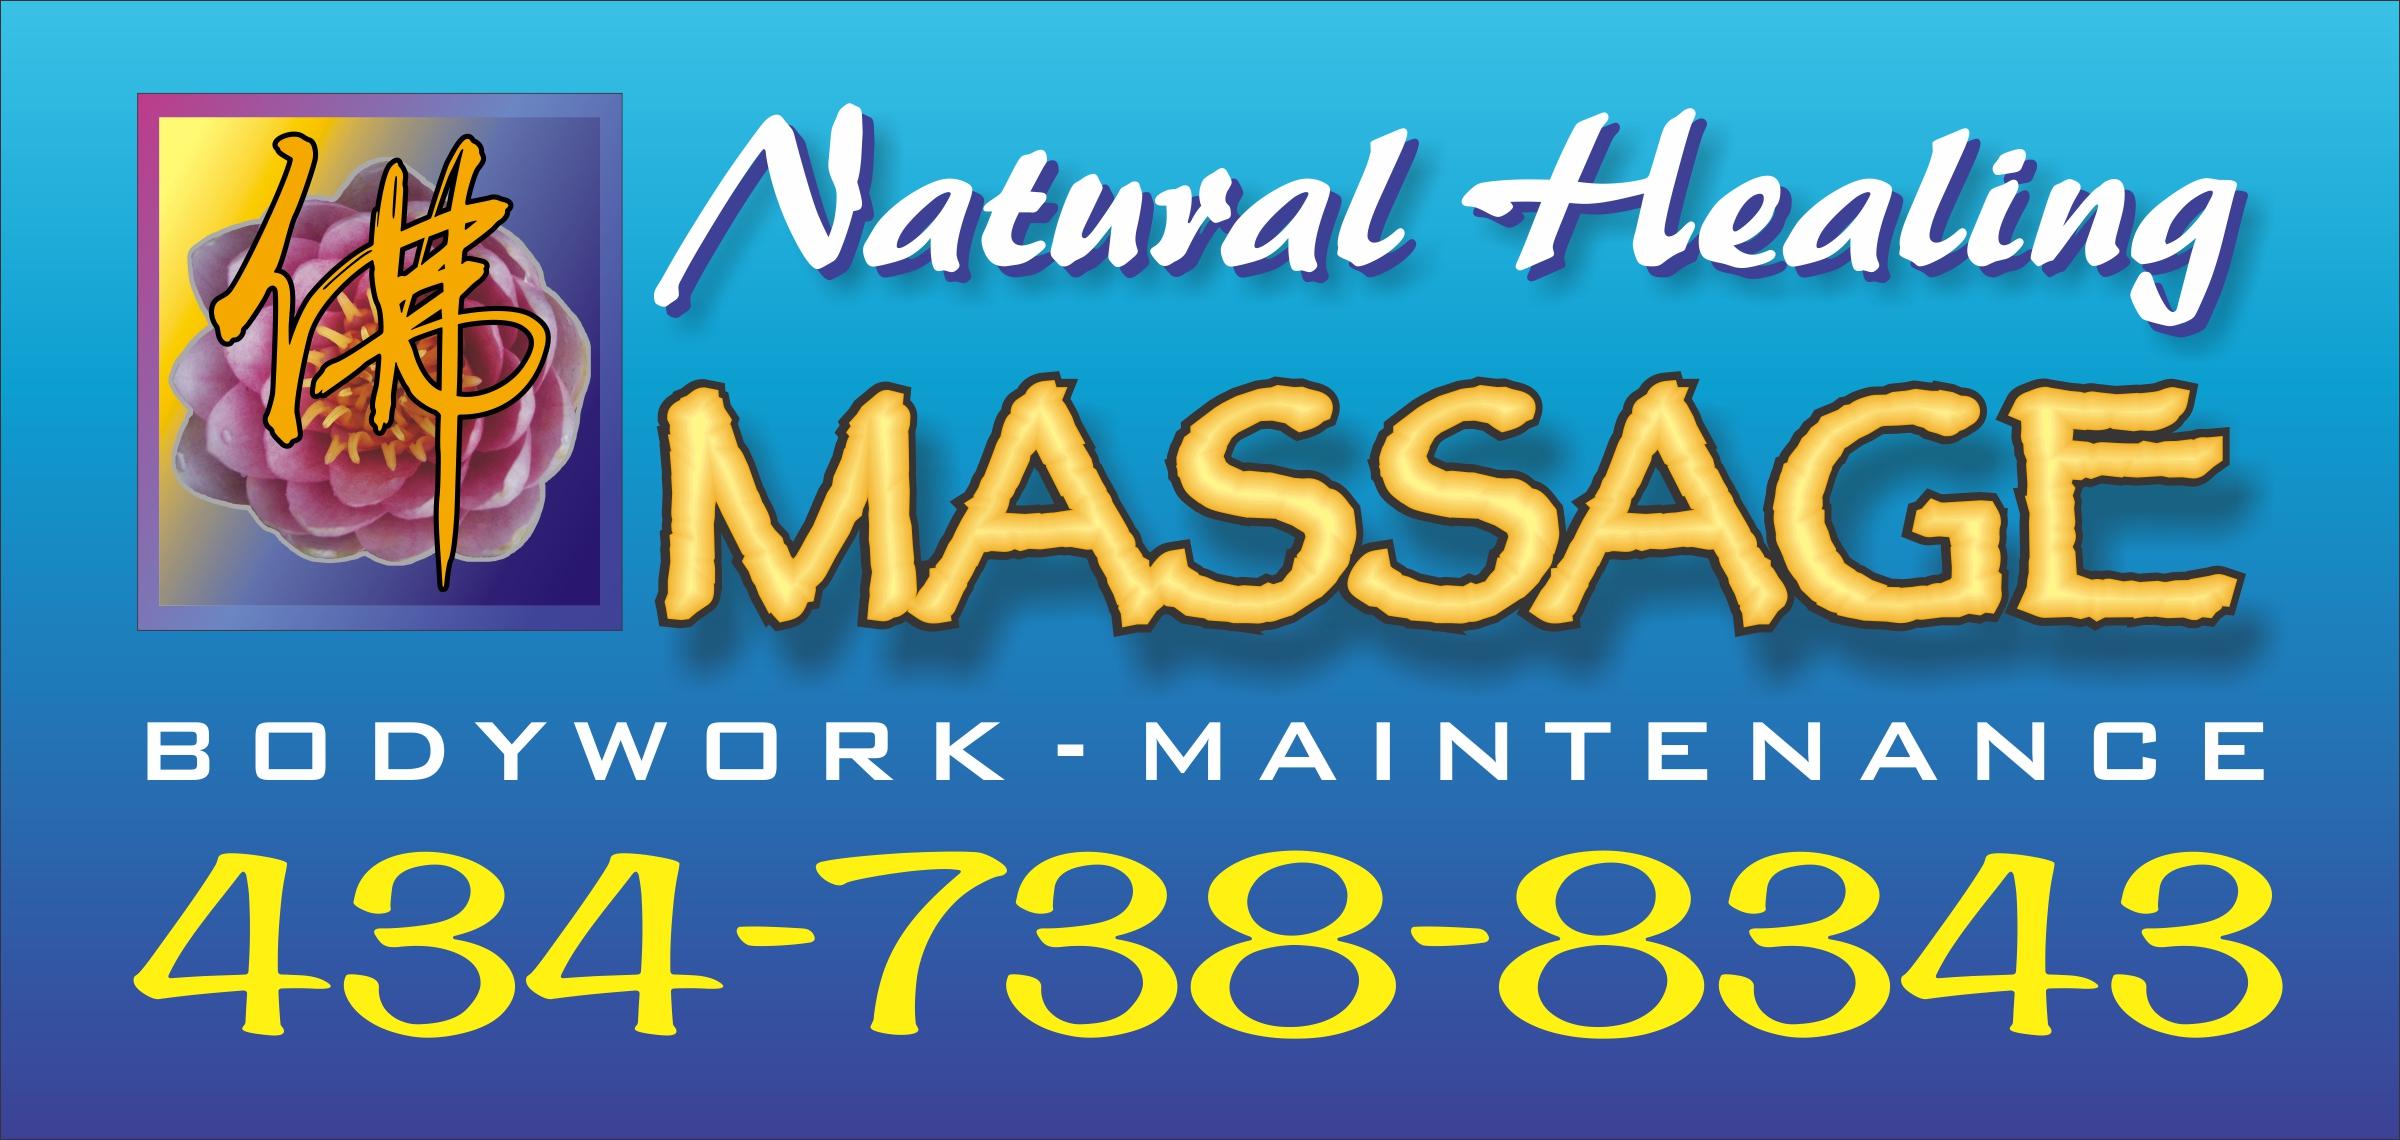 Natural Healing Massage.jpg